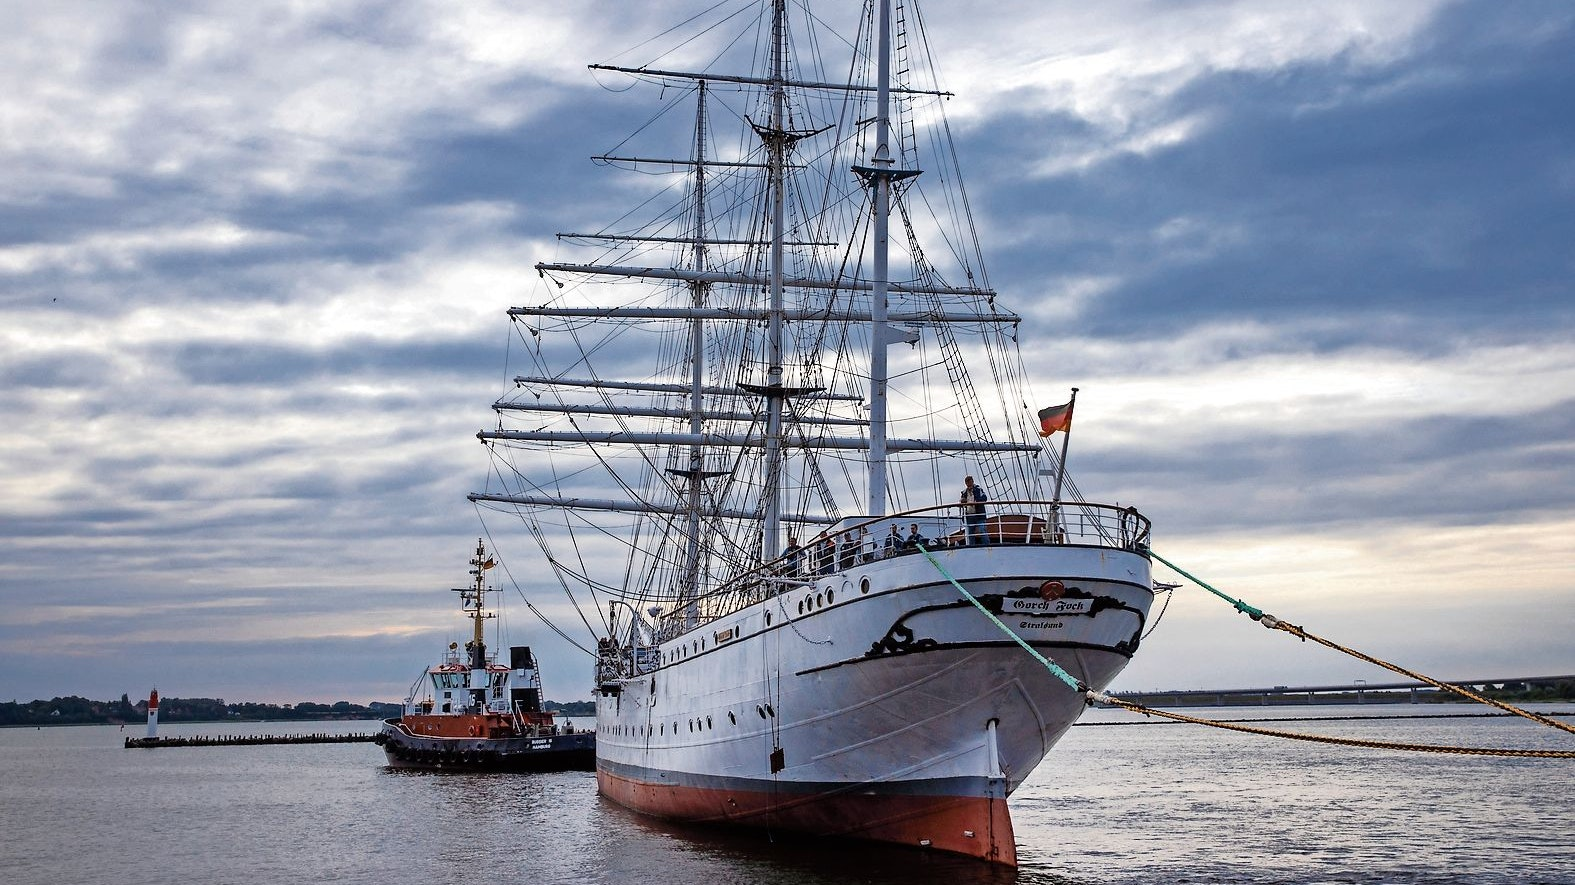 """Bald wohl wieder im Einsatz: Das Marine-Segelschiff """"Gorch Fock"""", um das es viele Ermittlungen gibt. Foto: dpa-Zentralbild, Jens Büttner"""